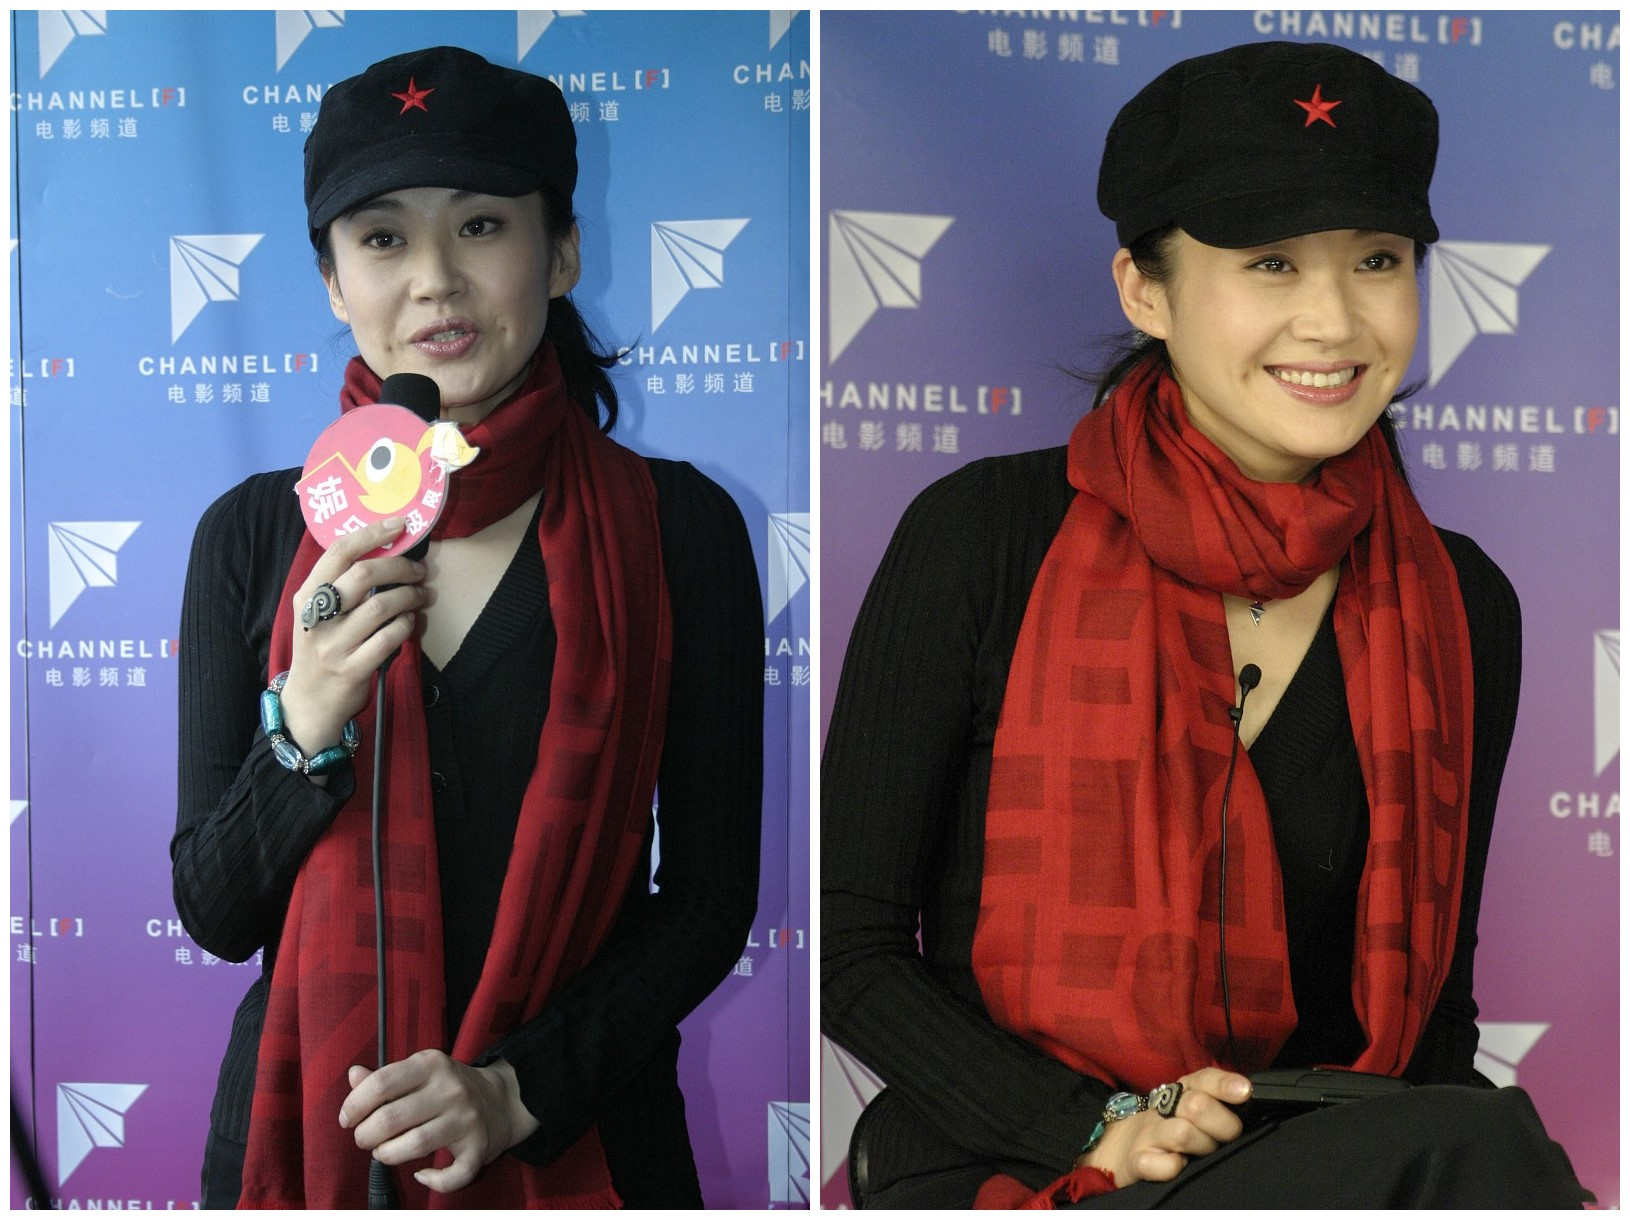 69年的许晴美成了小姑娘,红围巾配红星八角帽,灿笑如花太明艳